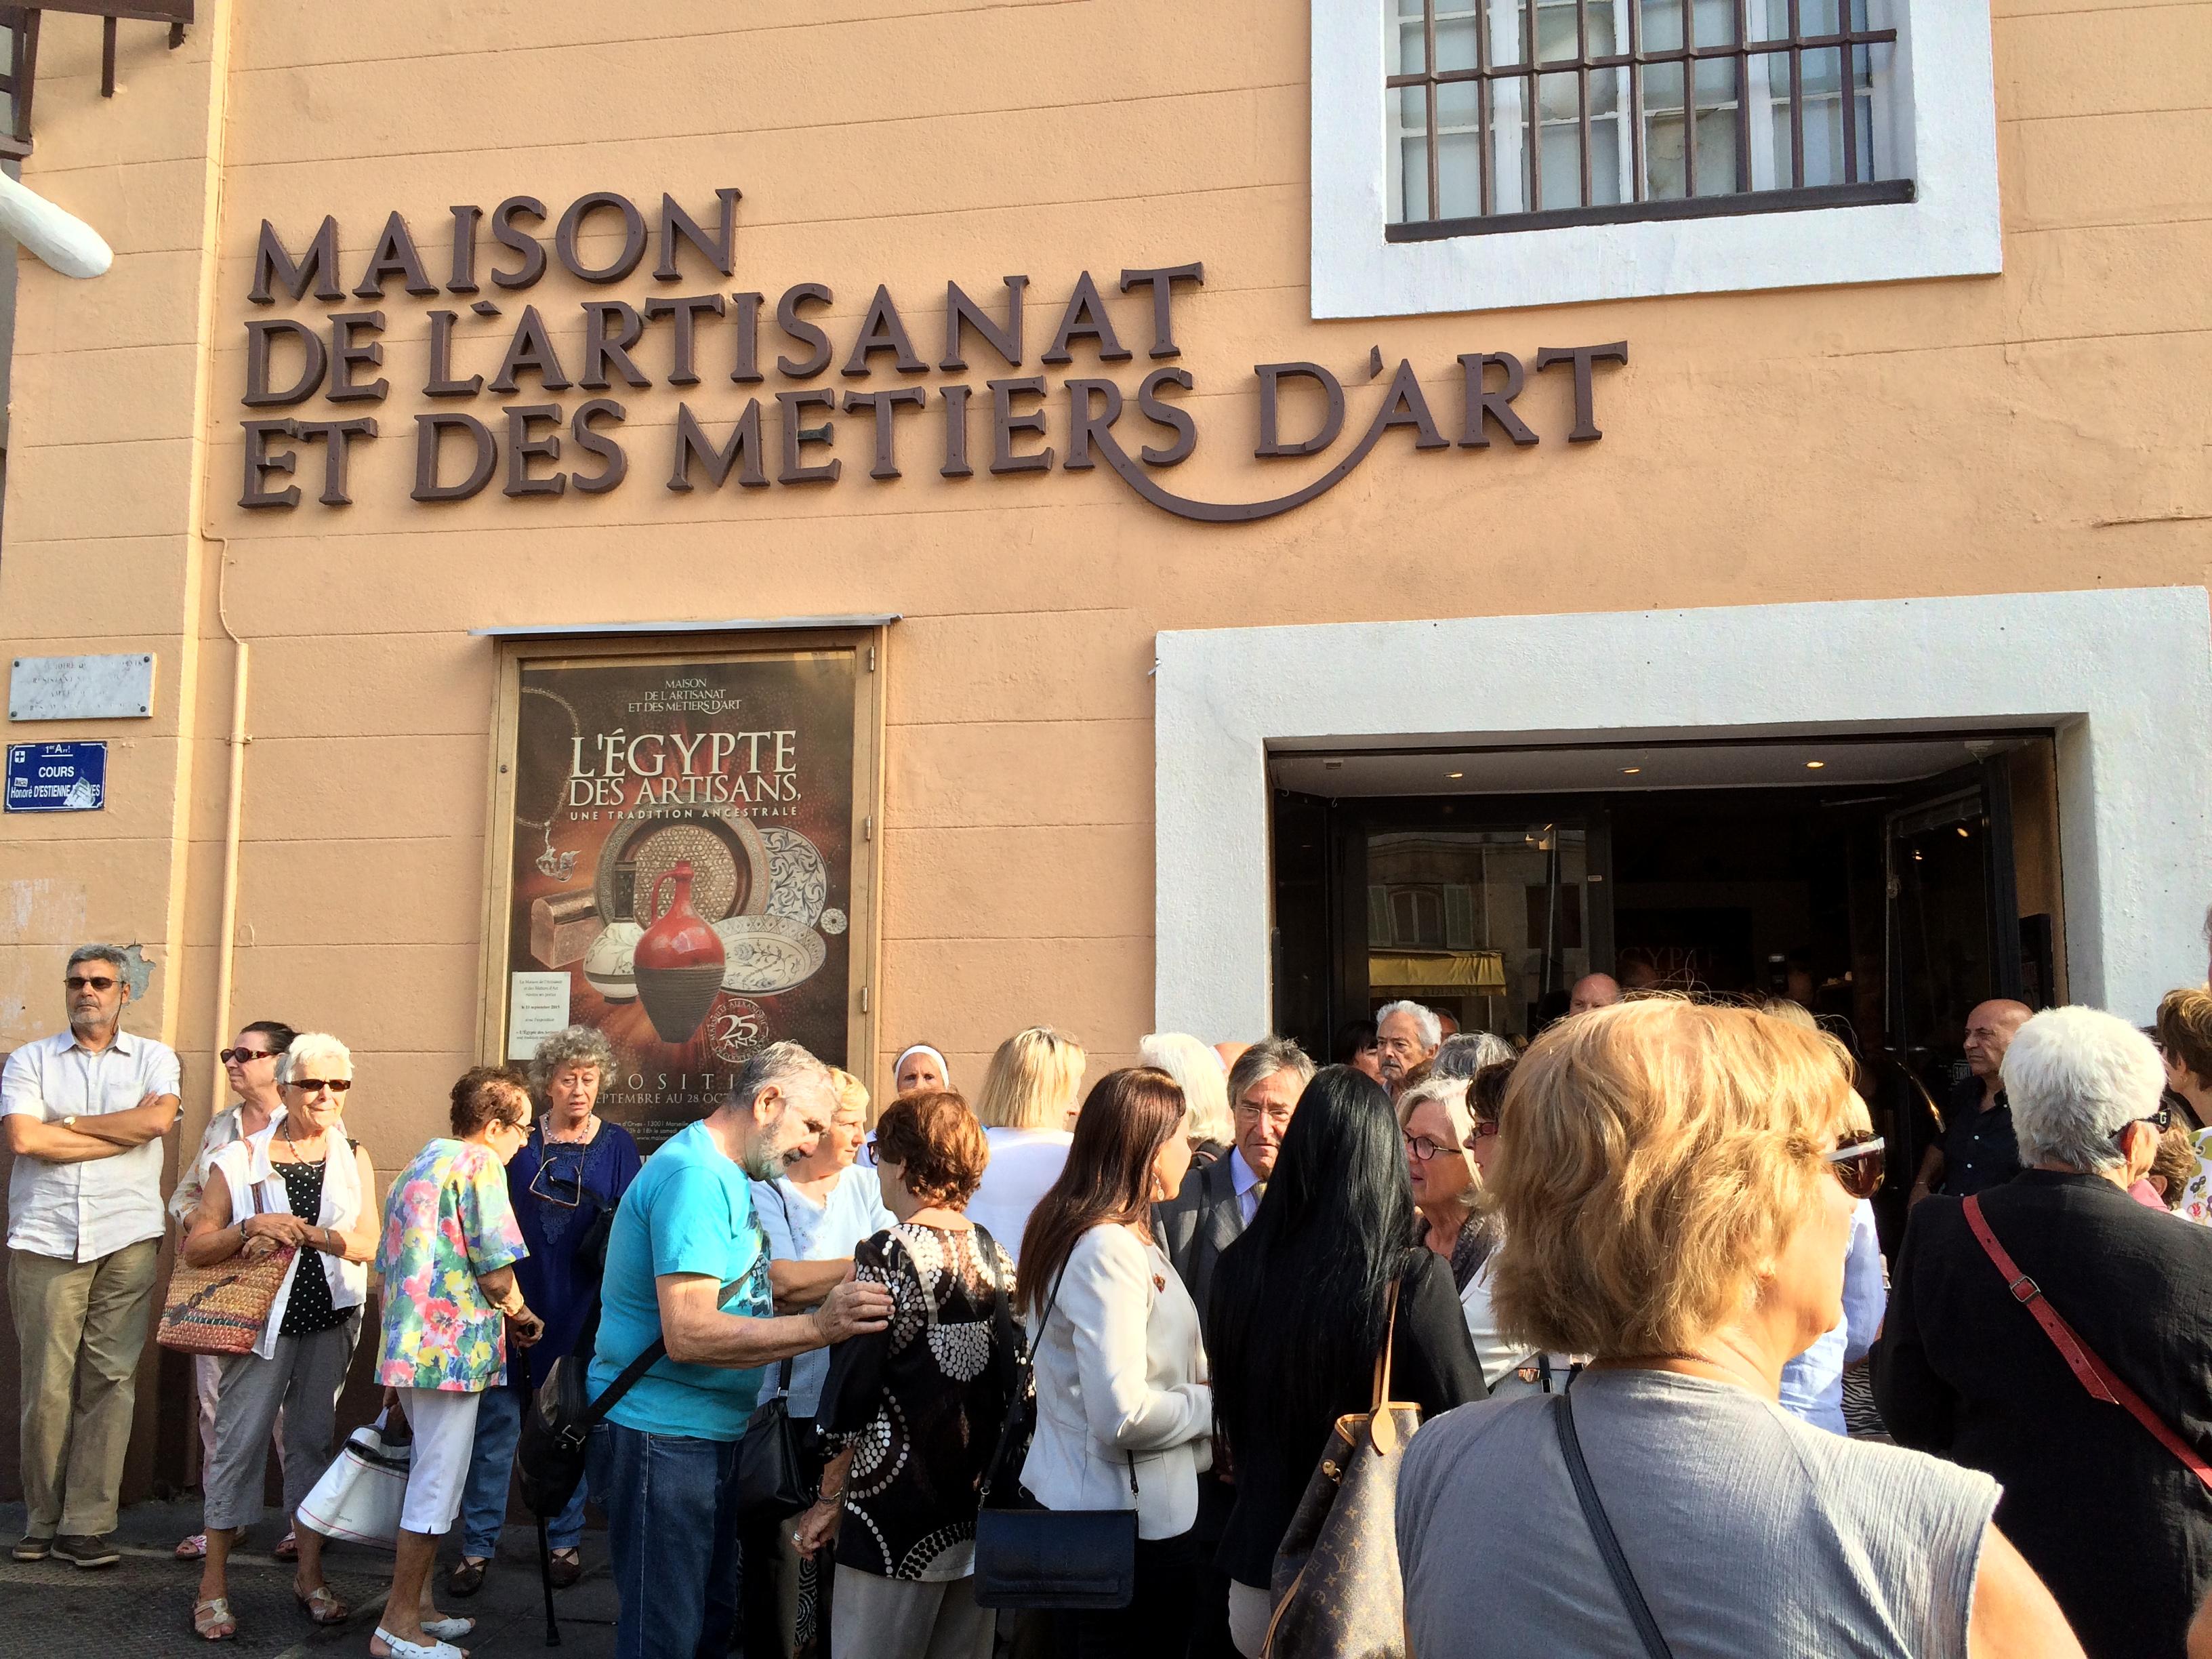 Marseille met l'Egypte des artisans dans son cœur de ville